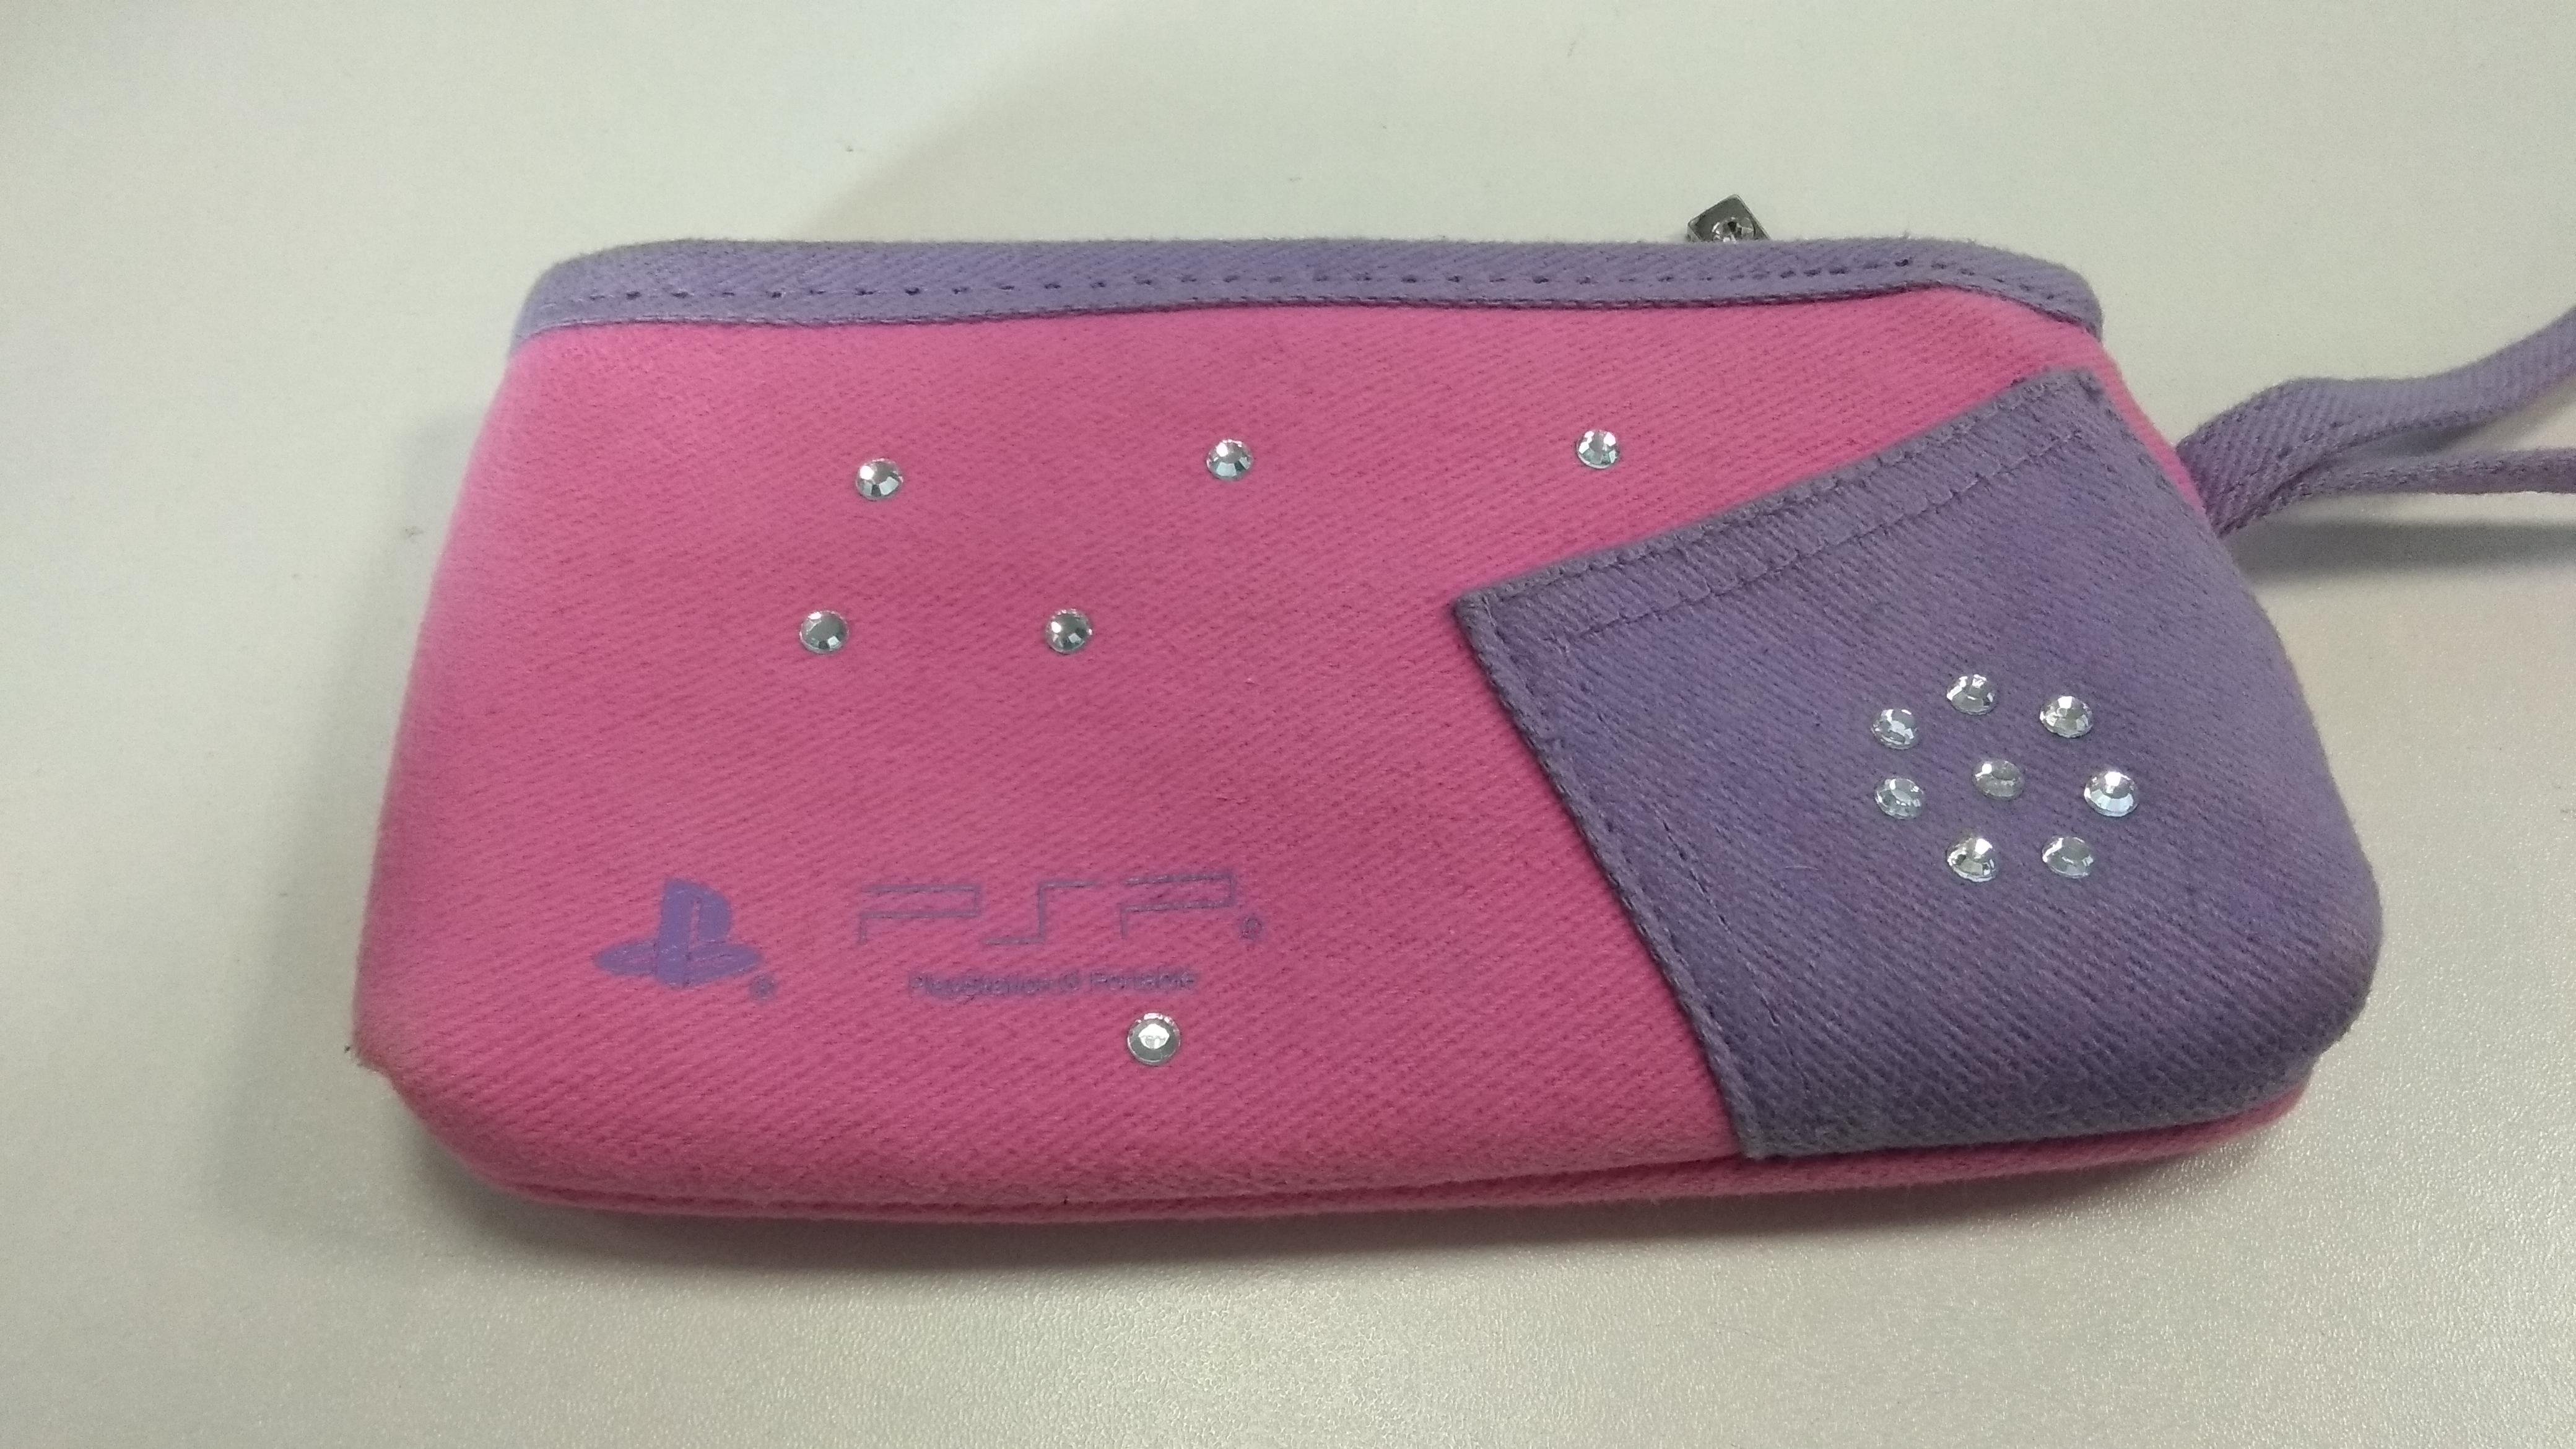 [PSP] Pouzdro Sony - růžové